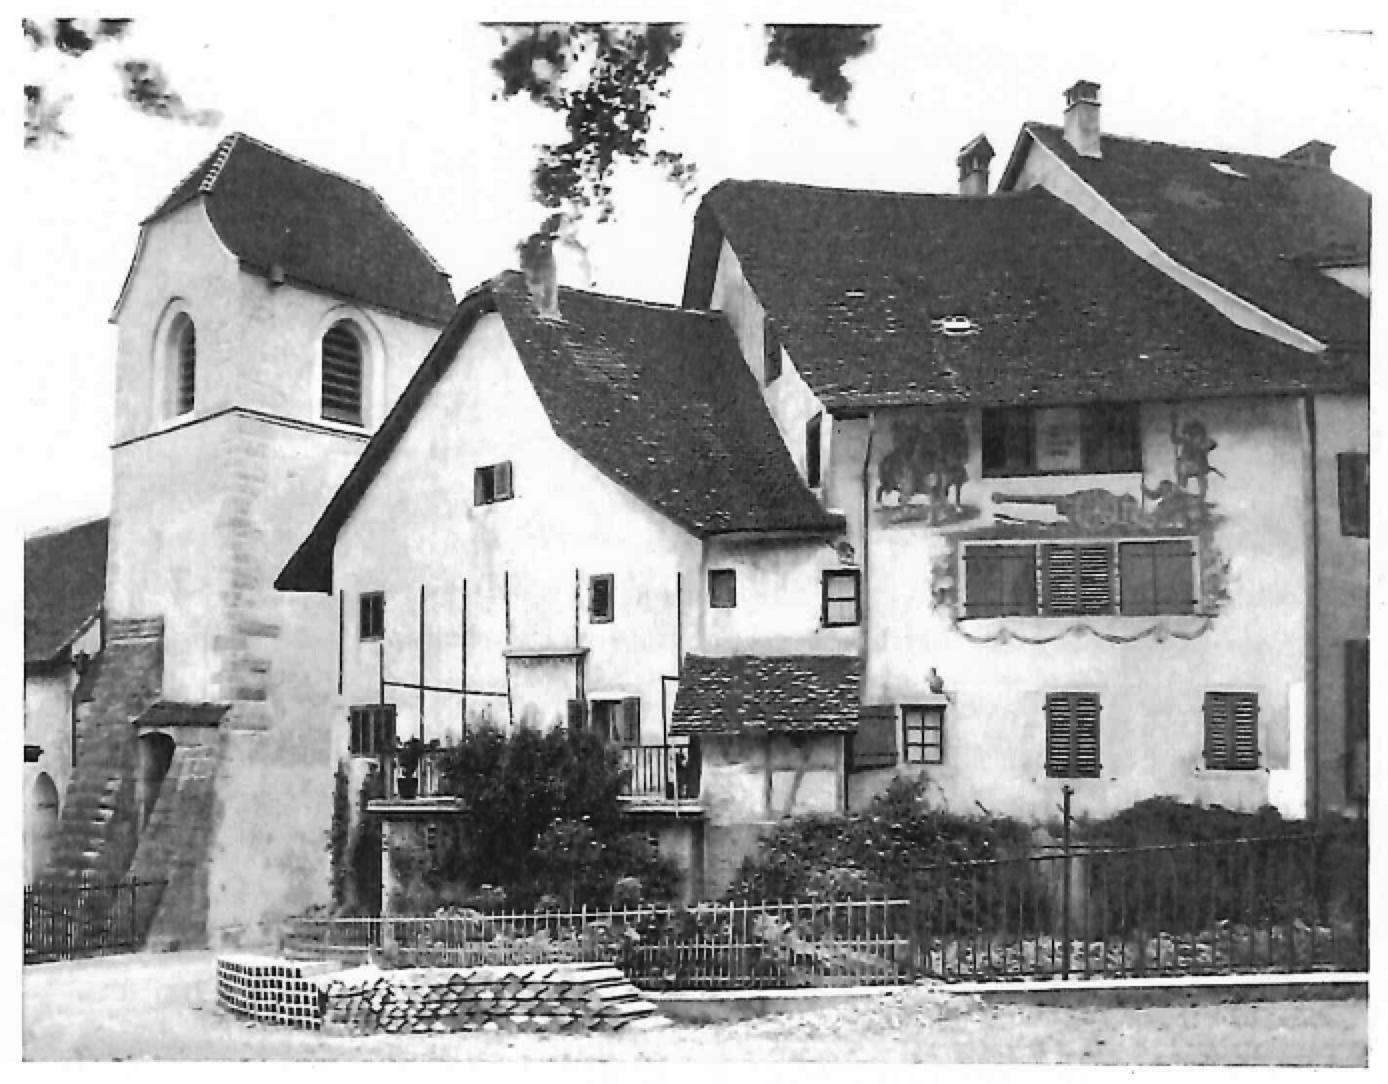 Alte Fassade: Früher Schiessscharten in der Stadtmauer, heute richtige Fenster